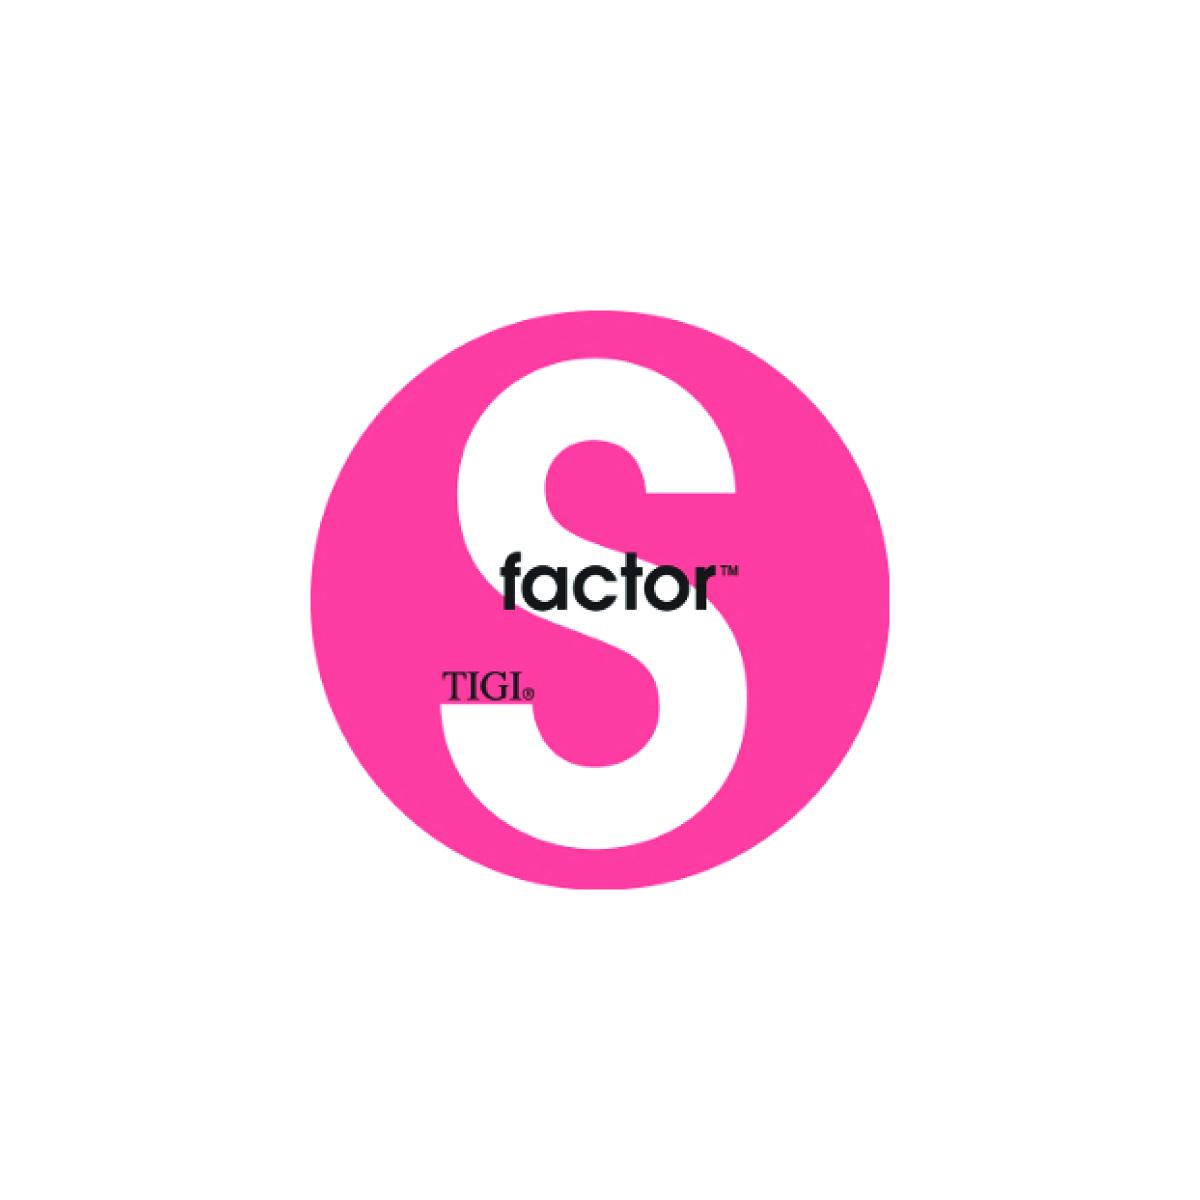 s Factor.jpg